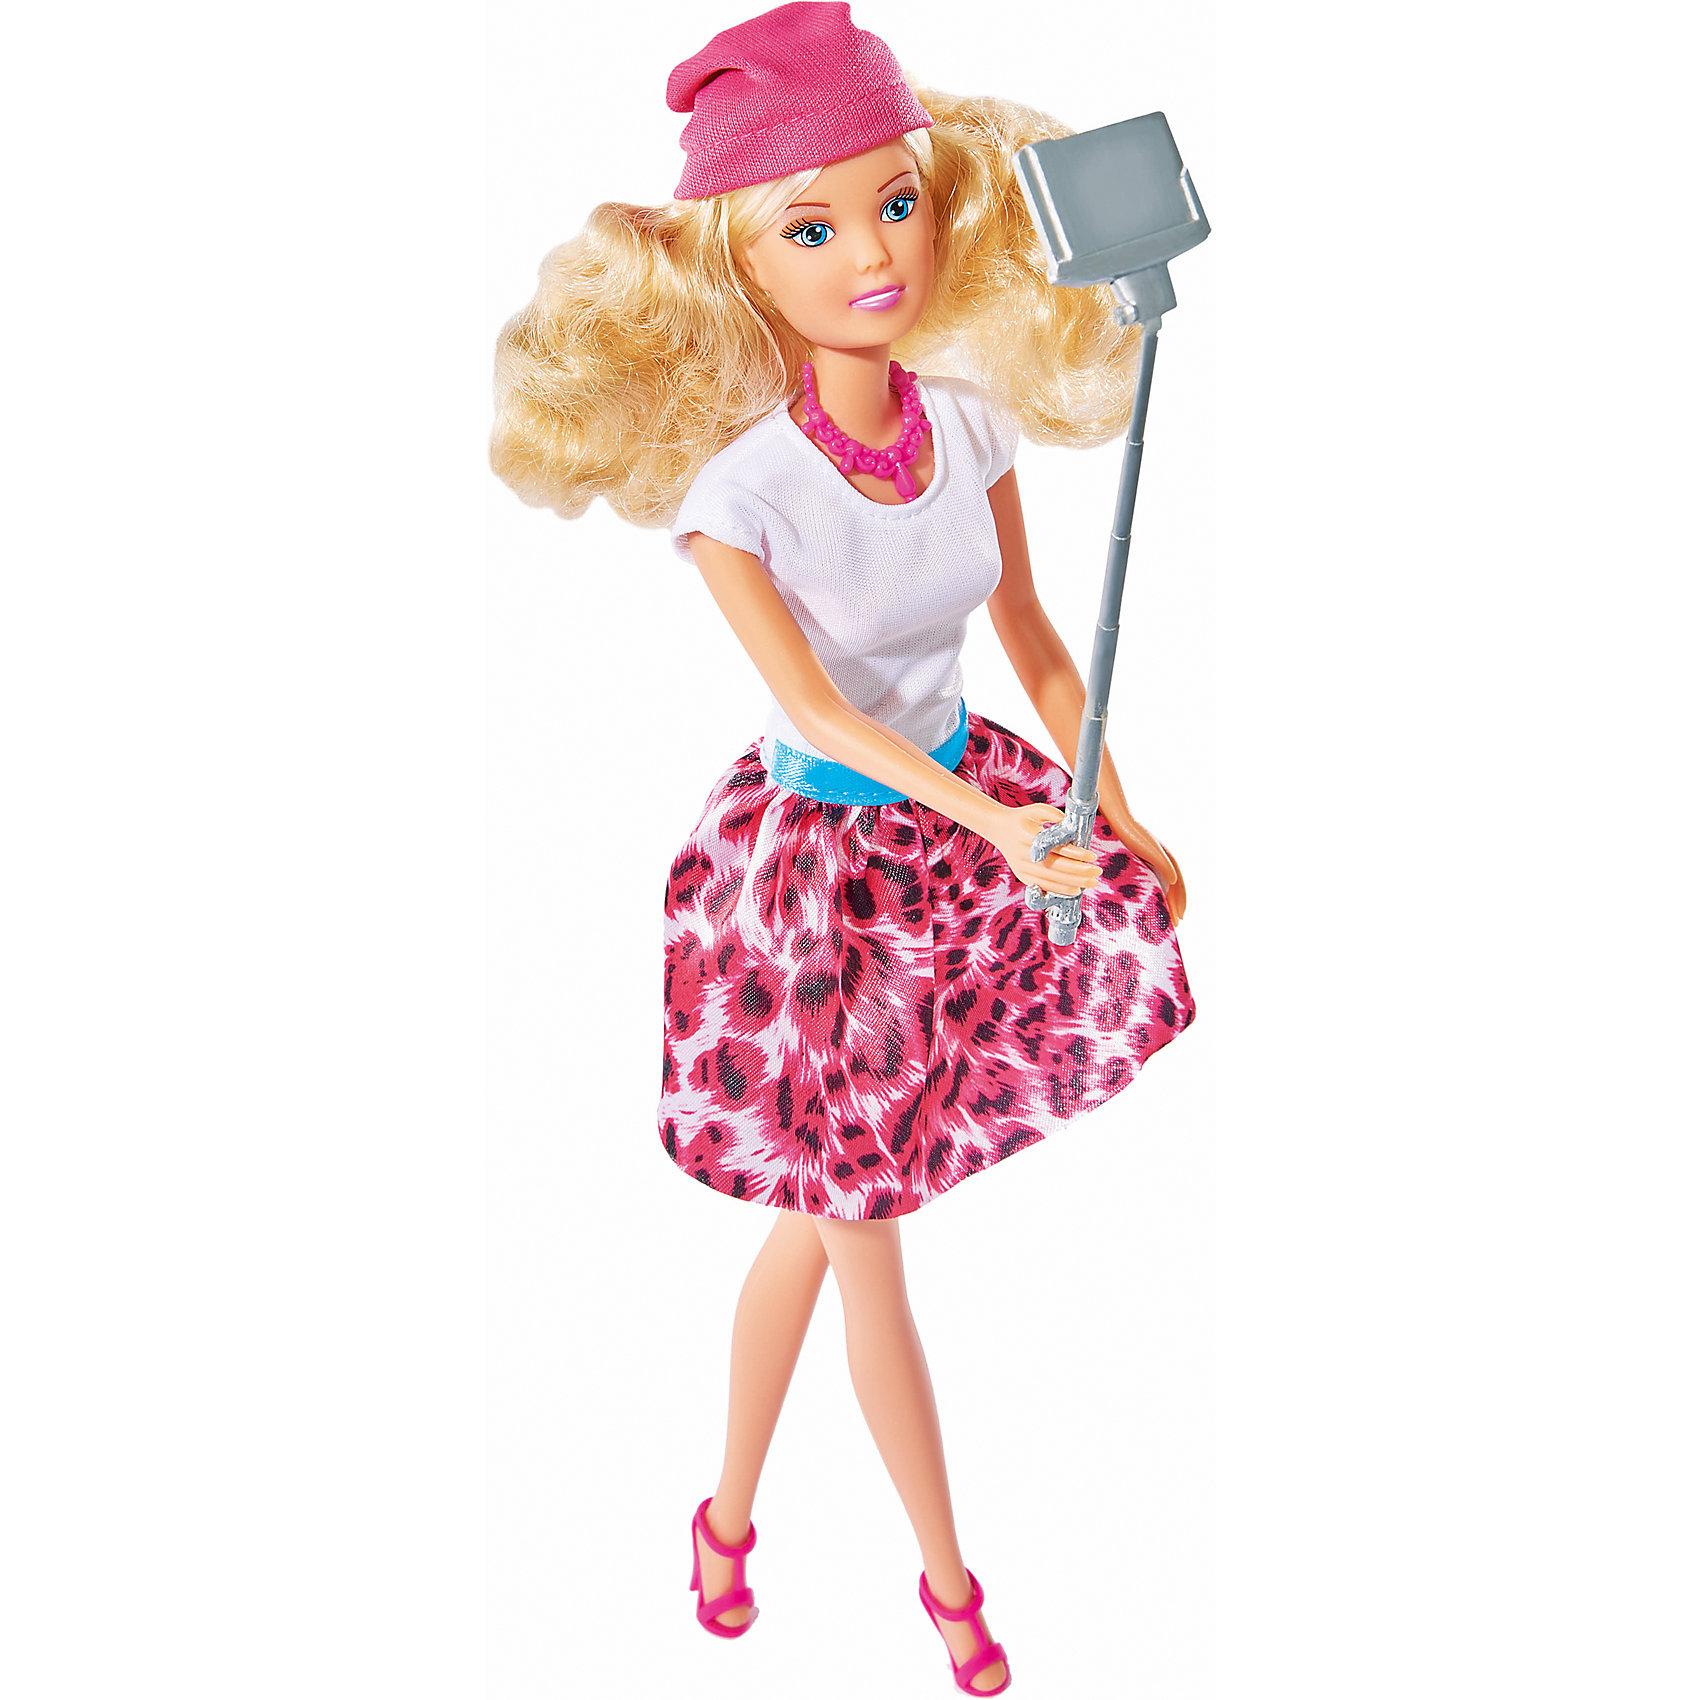 Кукла Штеффи с селфи палкой, 29 см, SimbaSteffi и Evi Love<br>Характеристики товара:<br><br>- цвет: разноцветный;<br>- материал: пластик;<br>- возраст: от трех лет;<br>- комплектация: кукла, аксессуары;<br>- высота куклы: 29 см.<br><br>Эта симпатичная кукла Штеффи от известного бренда не оставит девочку равнодушной! Какая девочка сможет отказаться поиграть с куклами, которые дополнены набором в виде палки для селфи и фотоаппарата?! В набор входит одежда для куклы. Игрушка очень качественно выполнена, поэтому она станет замечательным подарком ребенку. <br>Продается набор в красивой удобной упаковке. Игры с куклами помогают девочкам развить важные навыки и отработать модели социального взаимодействия. Изделие произведено из высококачественного материала, безопасного для детей.<br><br>Куклу Штеффи с селфи палкой, 29 см, от бренда Simba можно купить в нашем интернет-магазине.<br><br>Ширина мм: 45<br>Глубина мм: 325<br>Высота мм: 95<br>Вес г: 100<br>Возраст от месяцев: 36<br>Возраст до месяцев: 120<br>Пол: Женский<br>Возраст: Детский<br>SKU: 5119529